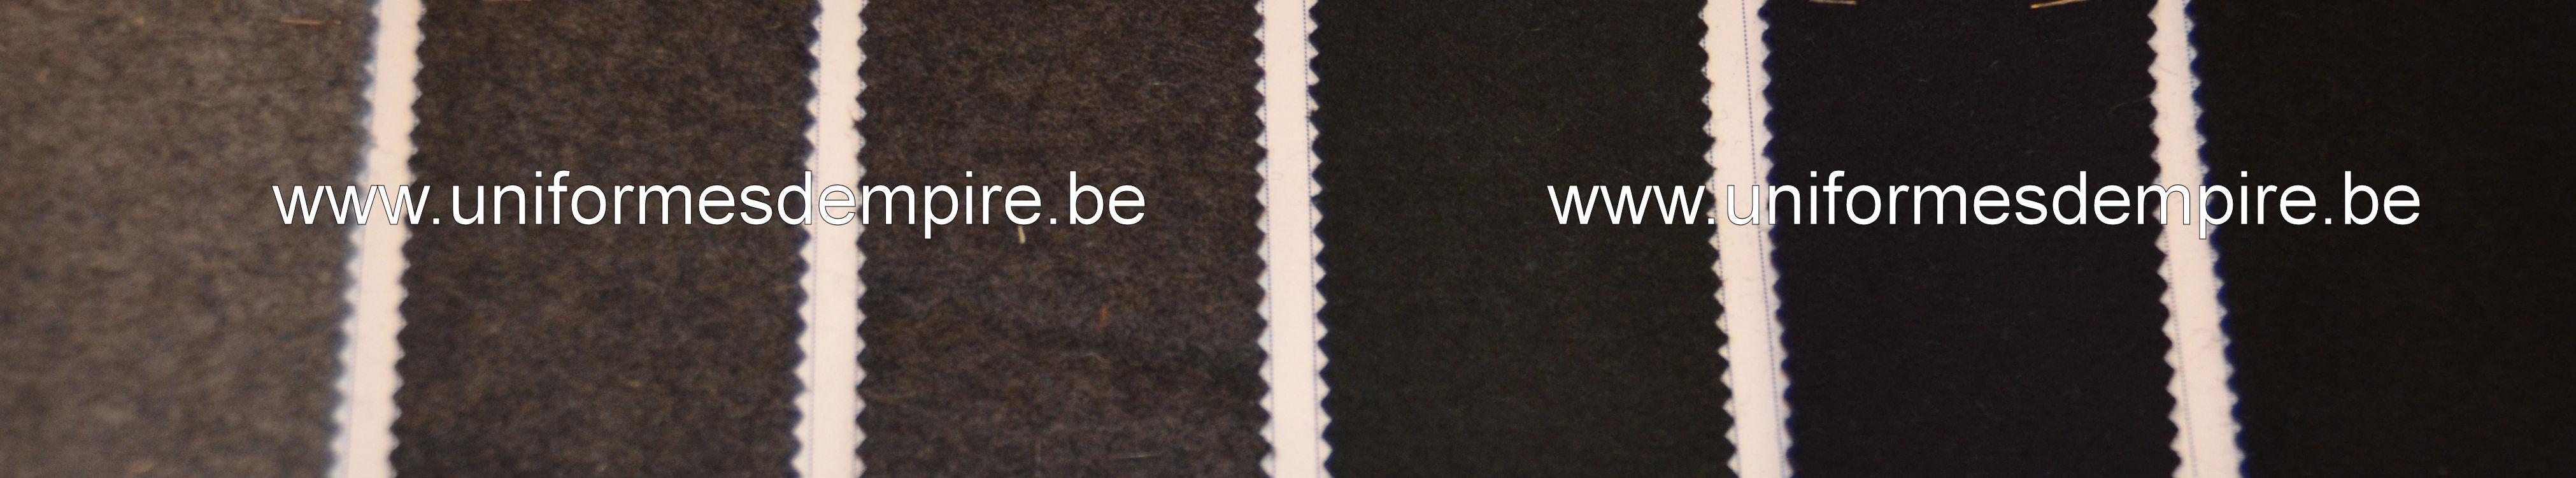 tissus les toffes de soie et de coton le velours le. Black Bedroom Furniture Sets. Home Design Ideas